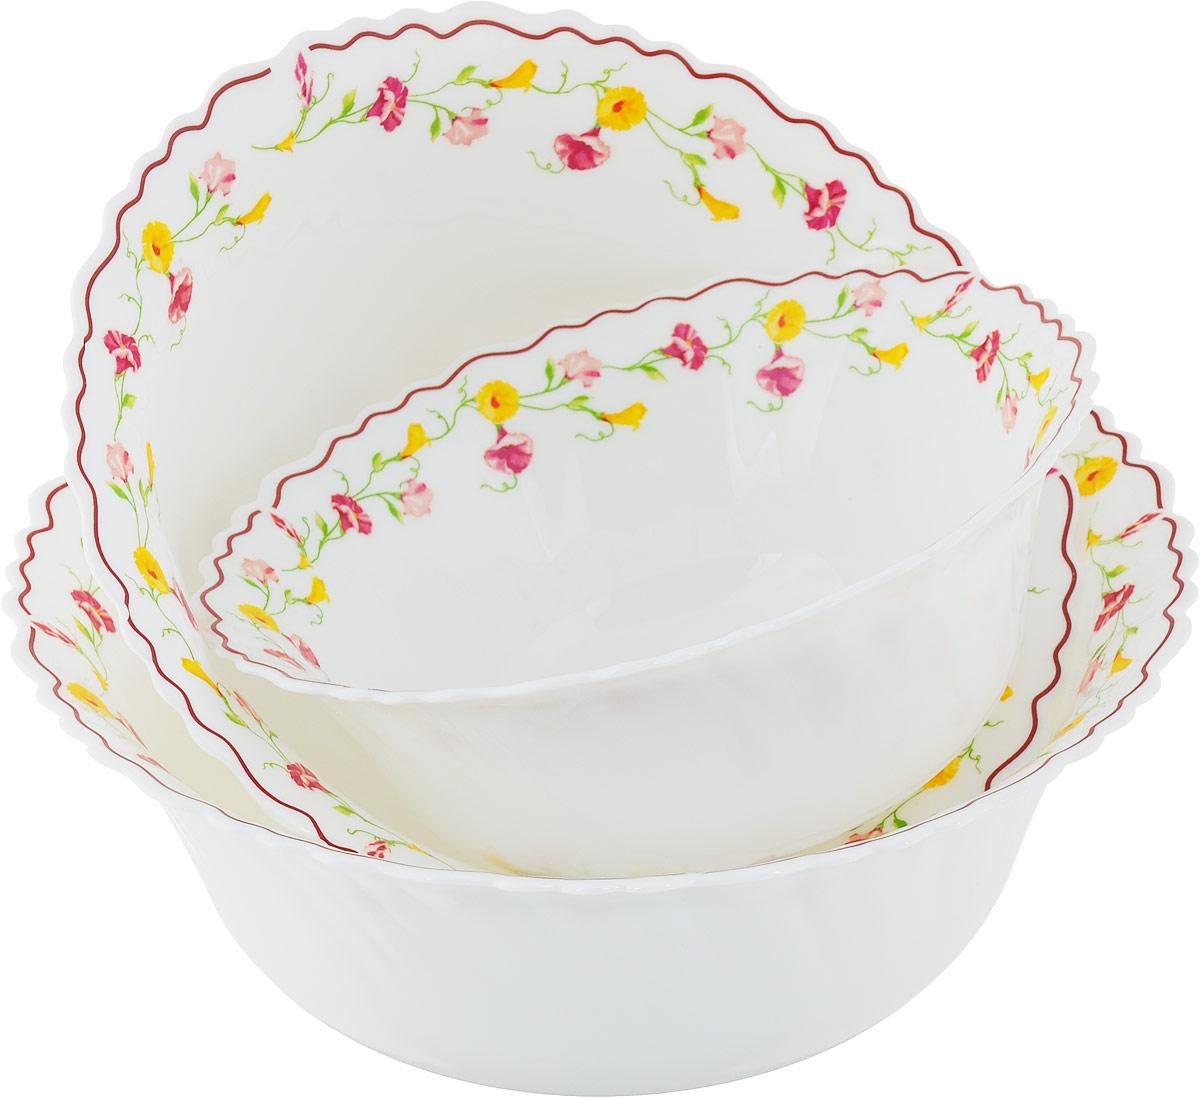 """Стильный набор салатников """"ЭЛЬЗАС"""" 3 пр.  Из тонкой стеклокерамики с цветочным рисункомНабор салатников """"ЭЛЬЗАС"""" 3 пр.: салатник 17, 5 см, 20 см, 22,5 см"""